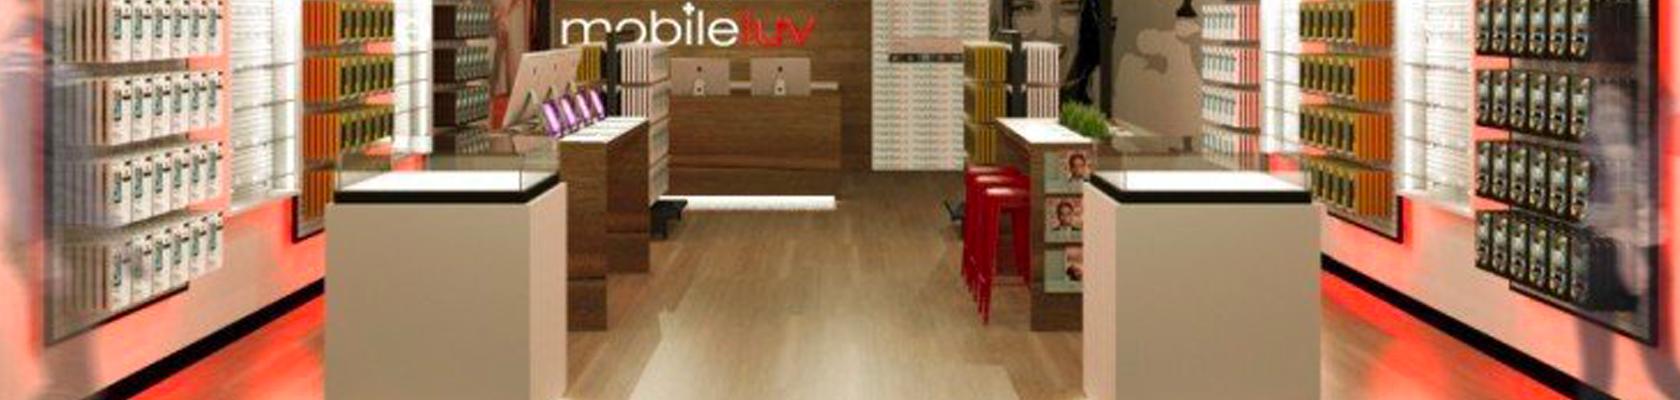 Mobile Luv